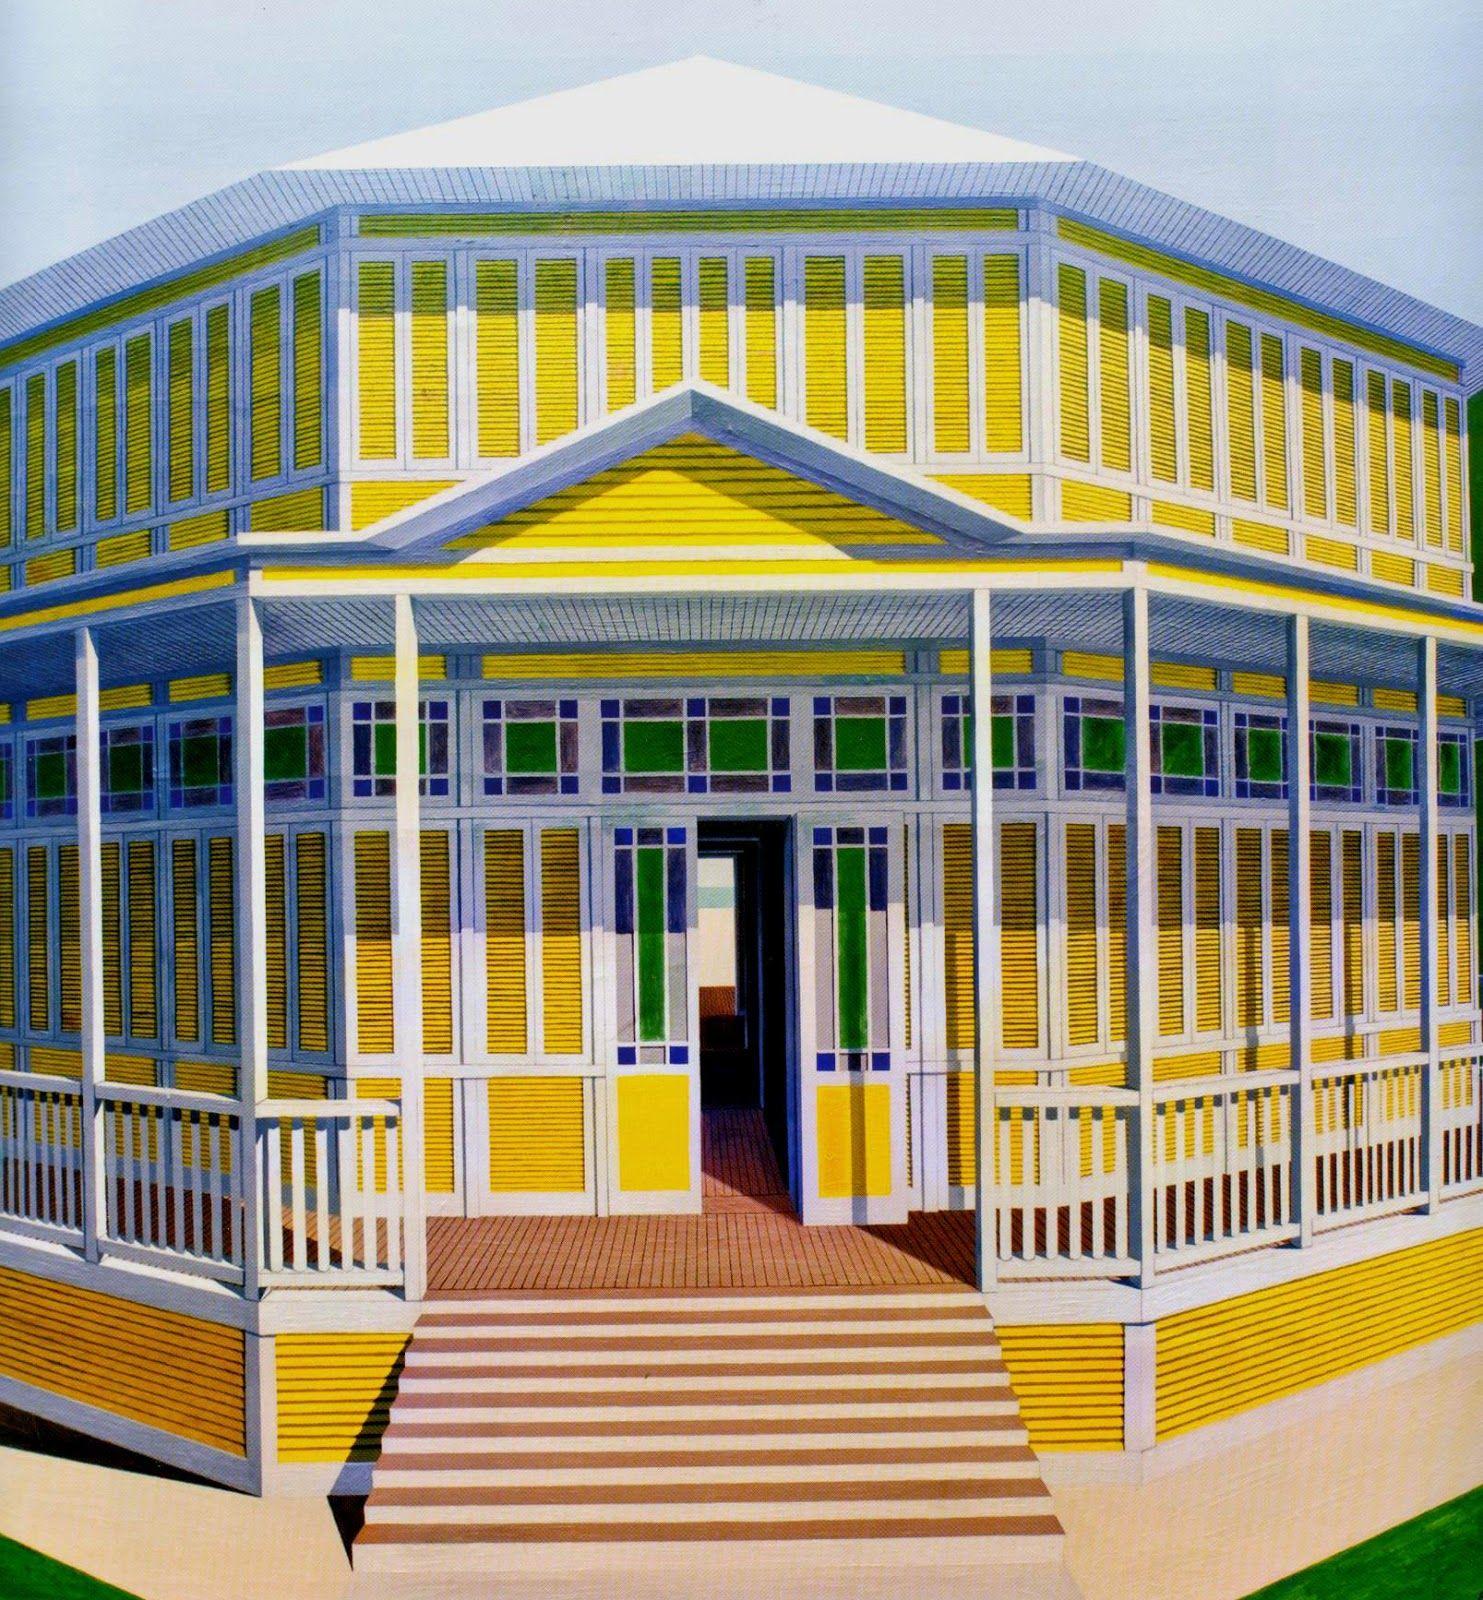 PINTORES LATINOAMERICANOS-JUAN CARLOS BOVERI: Pintores Cubanos: EMILIO SÁNCHEZ